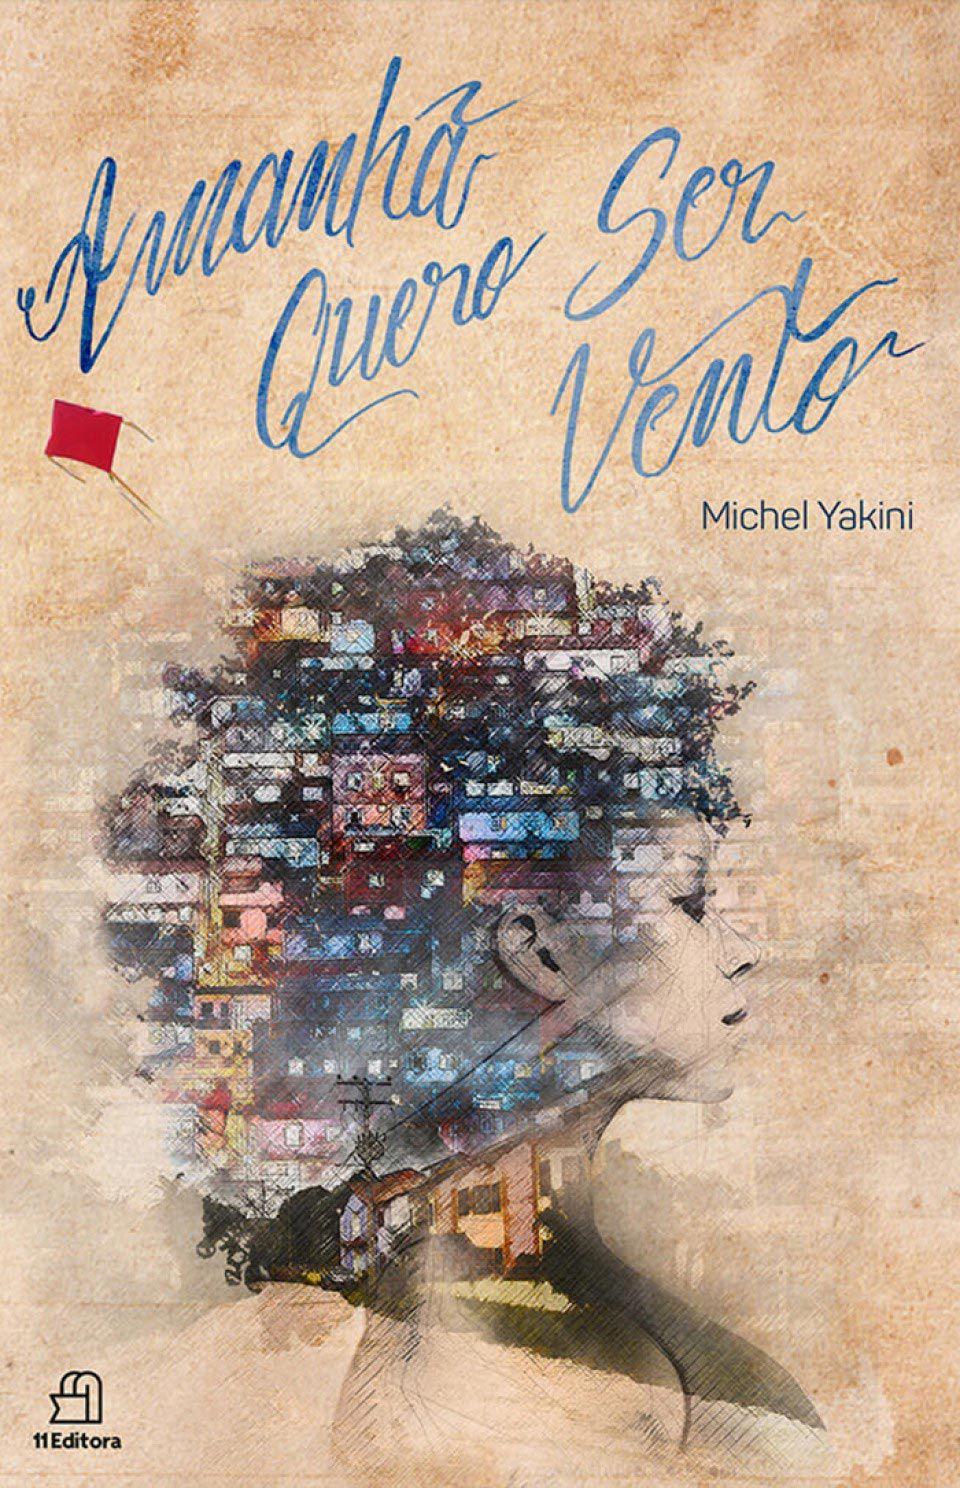 Amanhã Quero Ser Vento - Michel Yakini